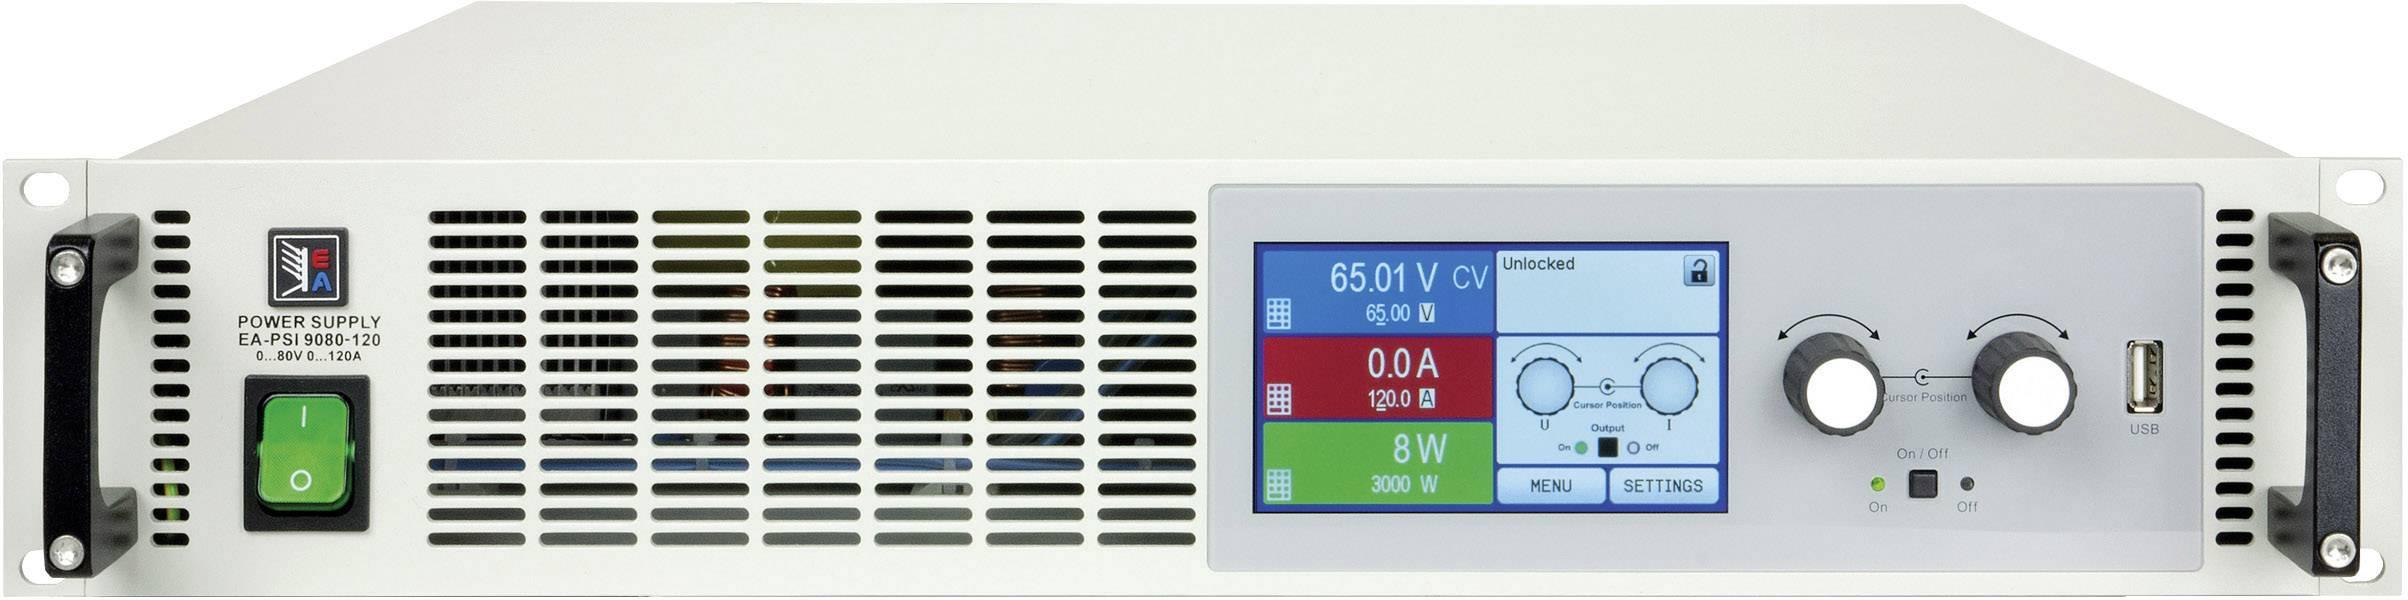 Programovatelný laboratorní zdroj EA EA-PSI 9080-60 2U, 80 V, 60 A, 1500 W, USB